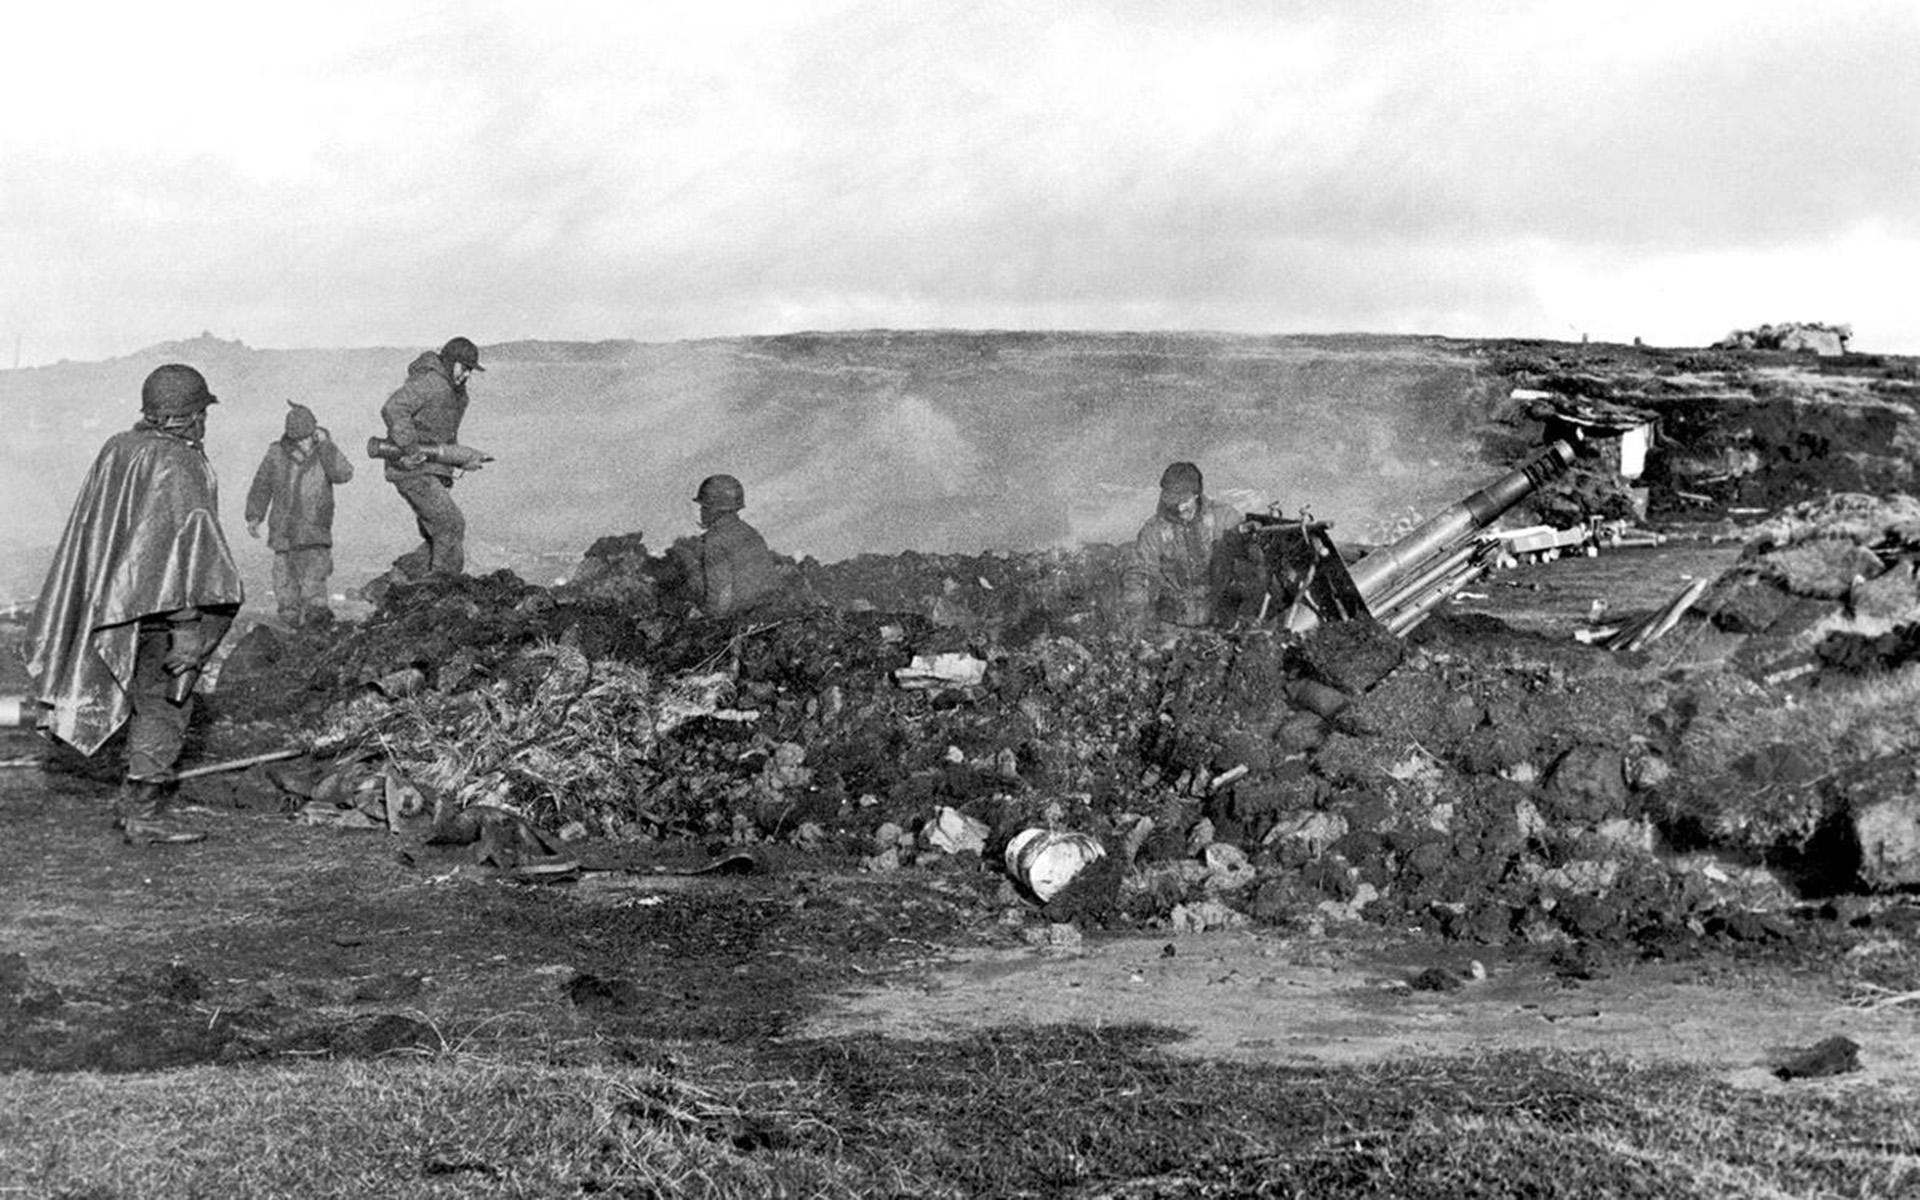 En mayo de 1982, un escuadrón del ejército argentino tomó posesión en Puerto Mitre, uno de los establecimientos más grandes de la isla Gran Malvina (Reuters)